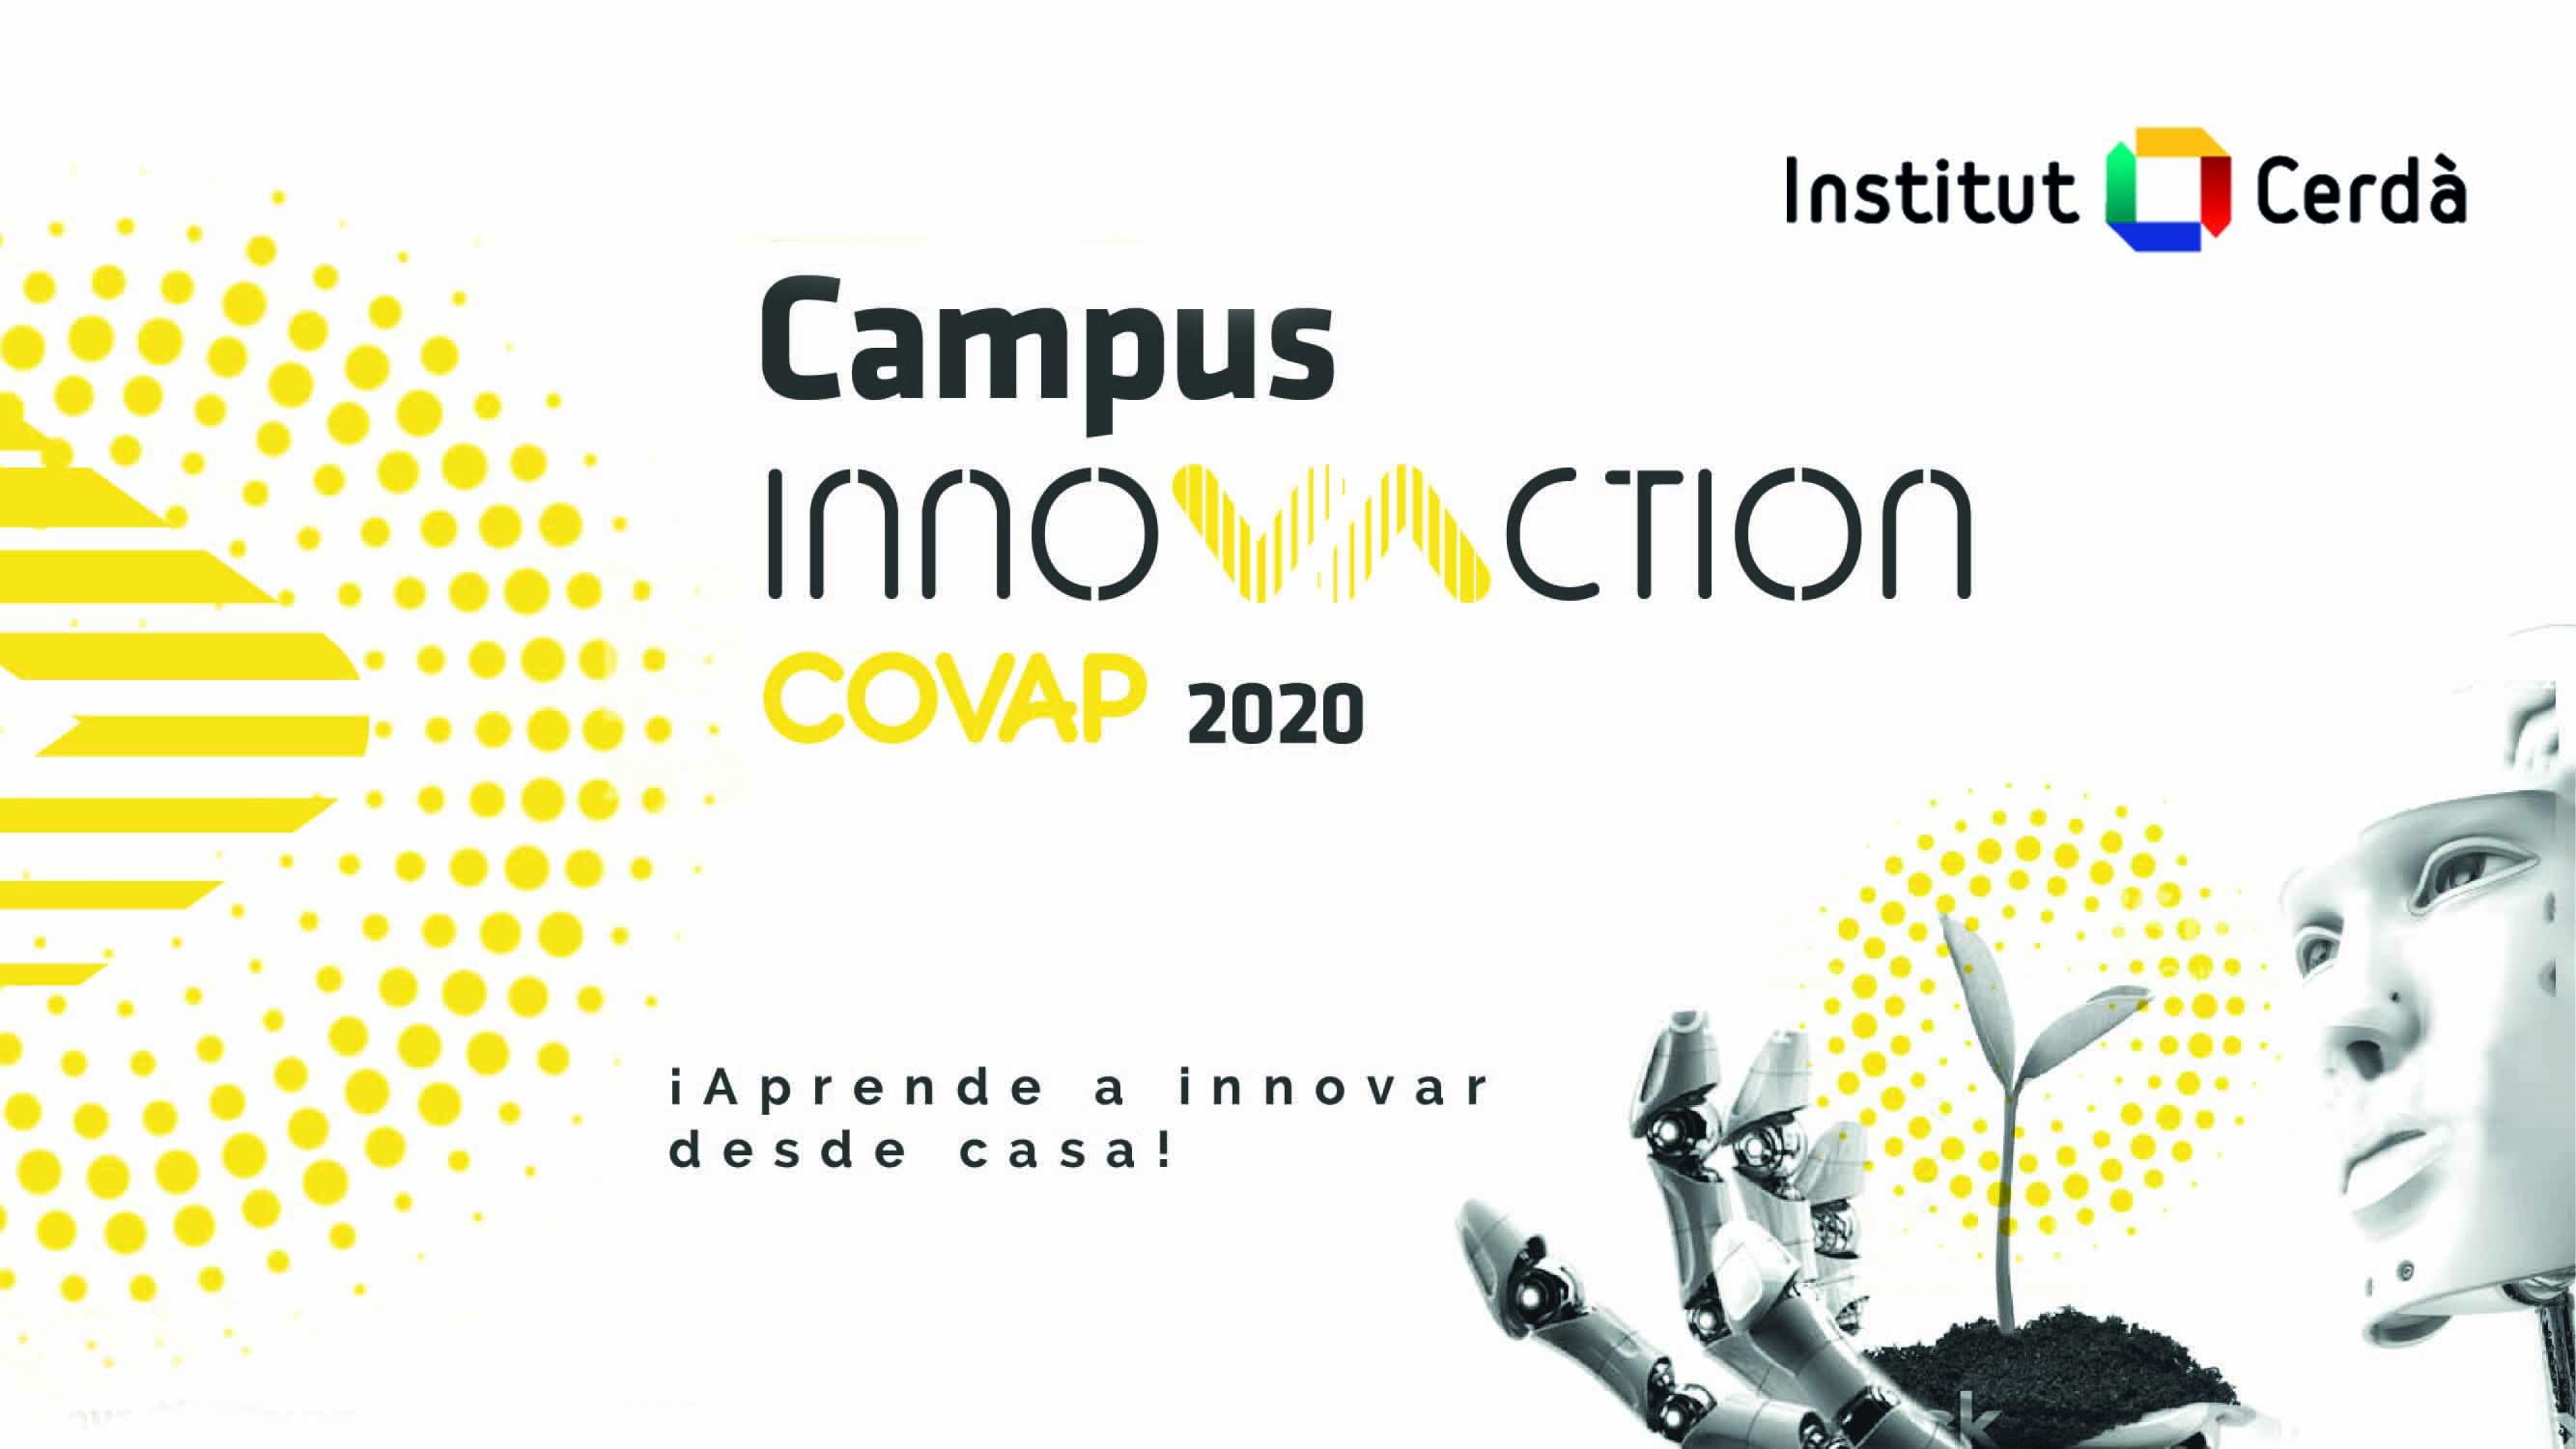 Observatorio de Innovación en Gran Consumo destaca el Campus Innovaction COVAP   COVAP